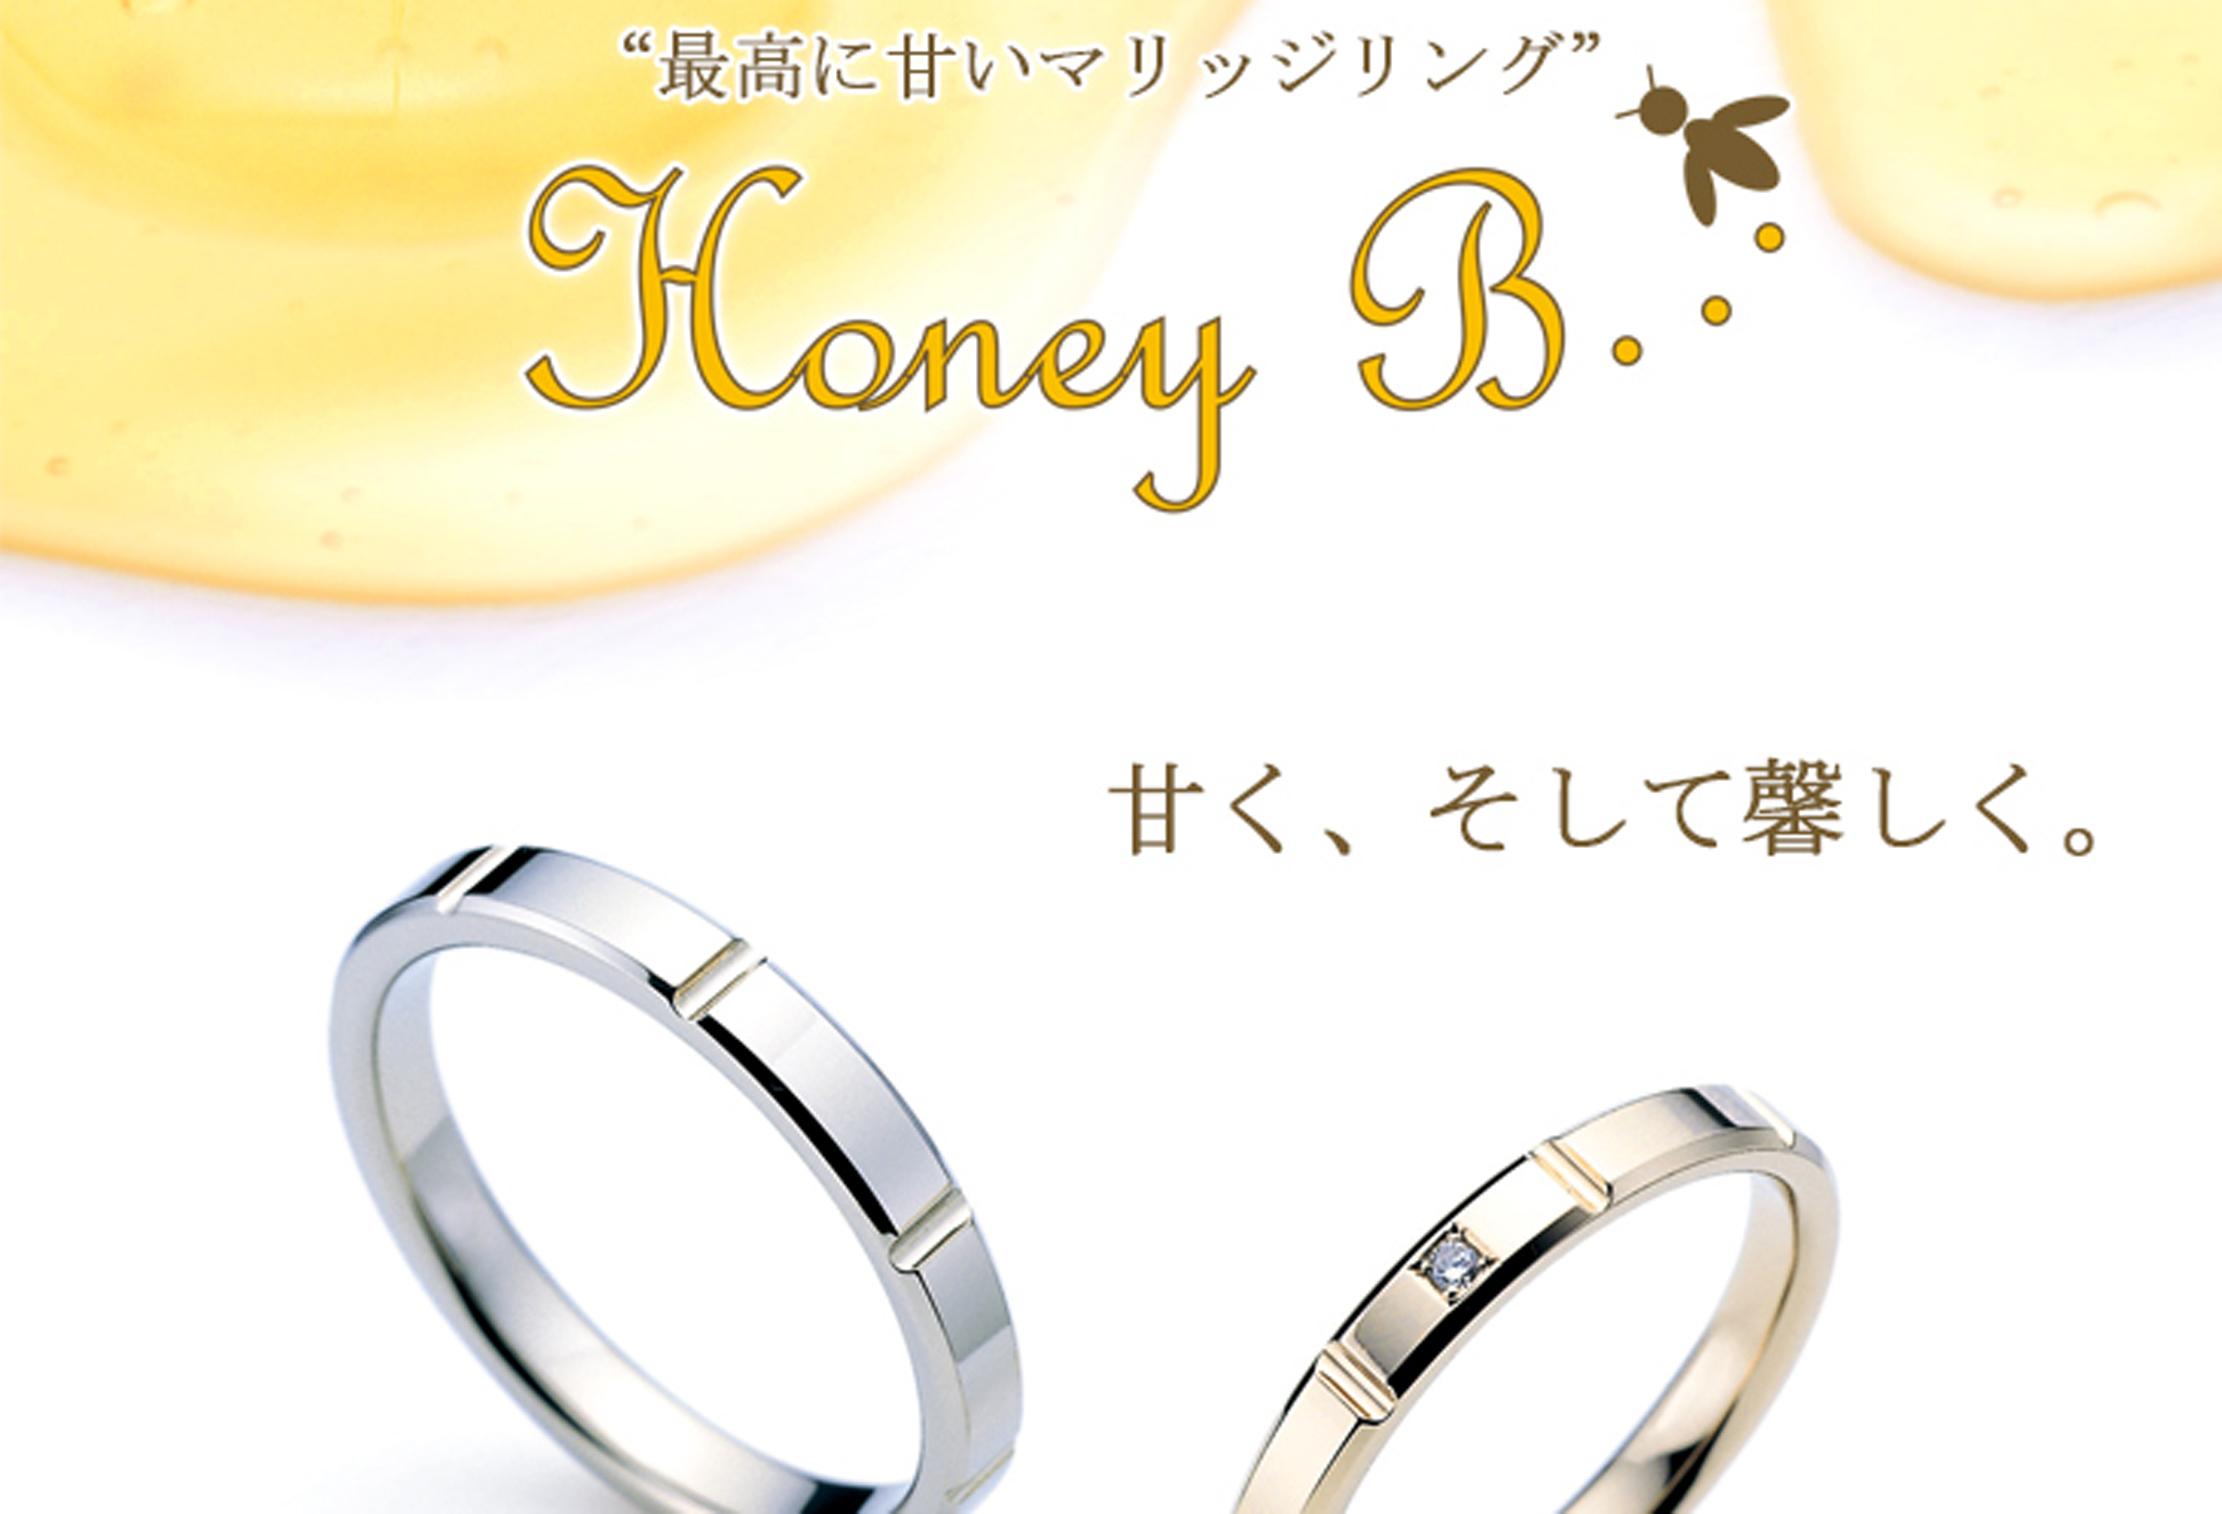 鍛造製法の結婚指輪-Honey Bride(ハニーブライド)-